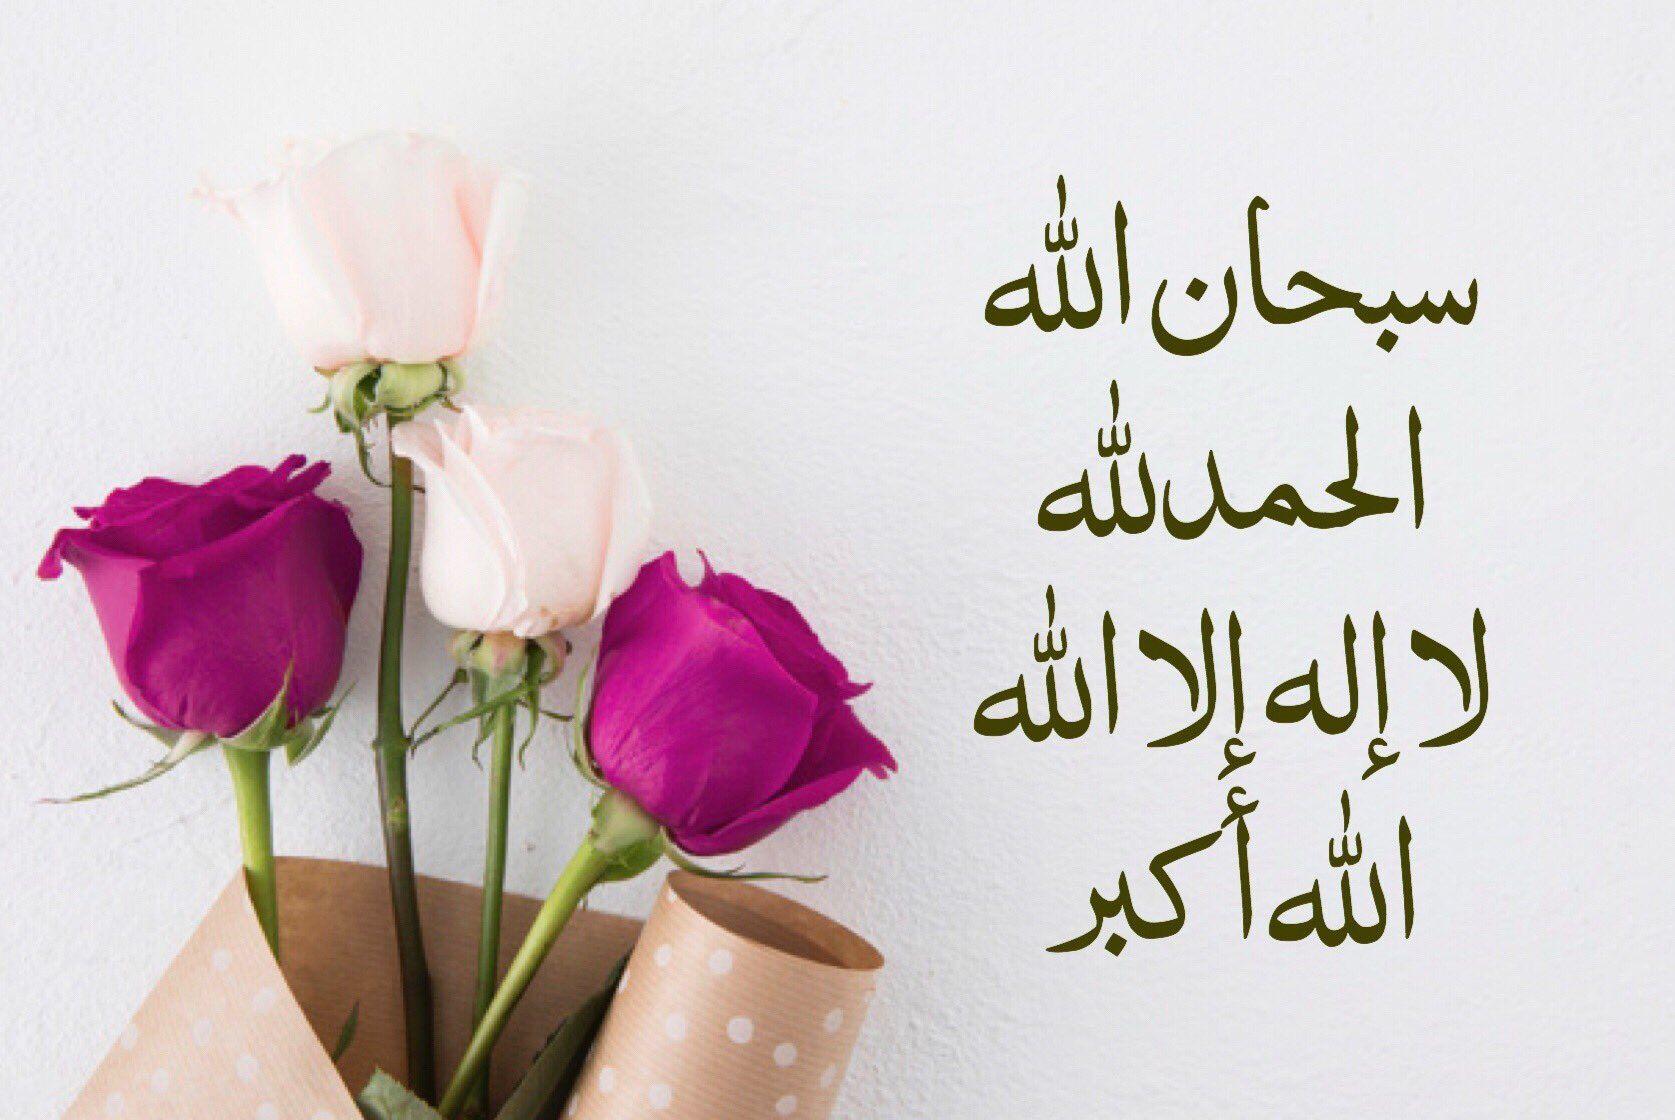 سبحان الله والحمد لله ولا إله إلا الله والله أكبر Doa Islam Place Card Holders Islamic Pictures